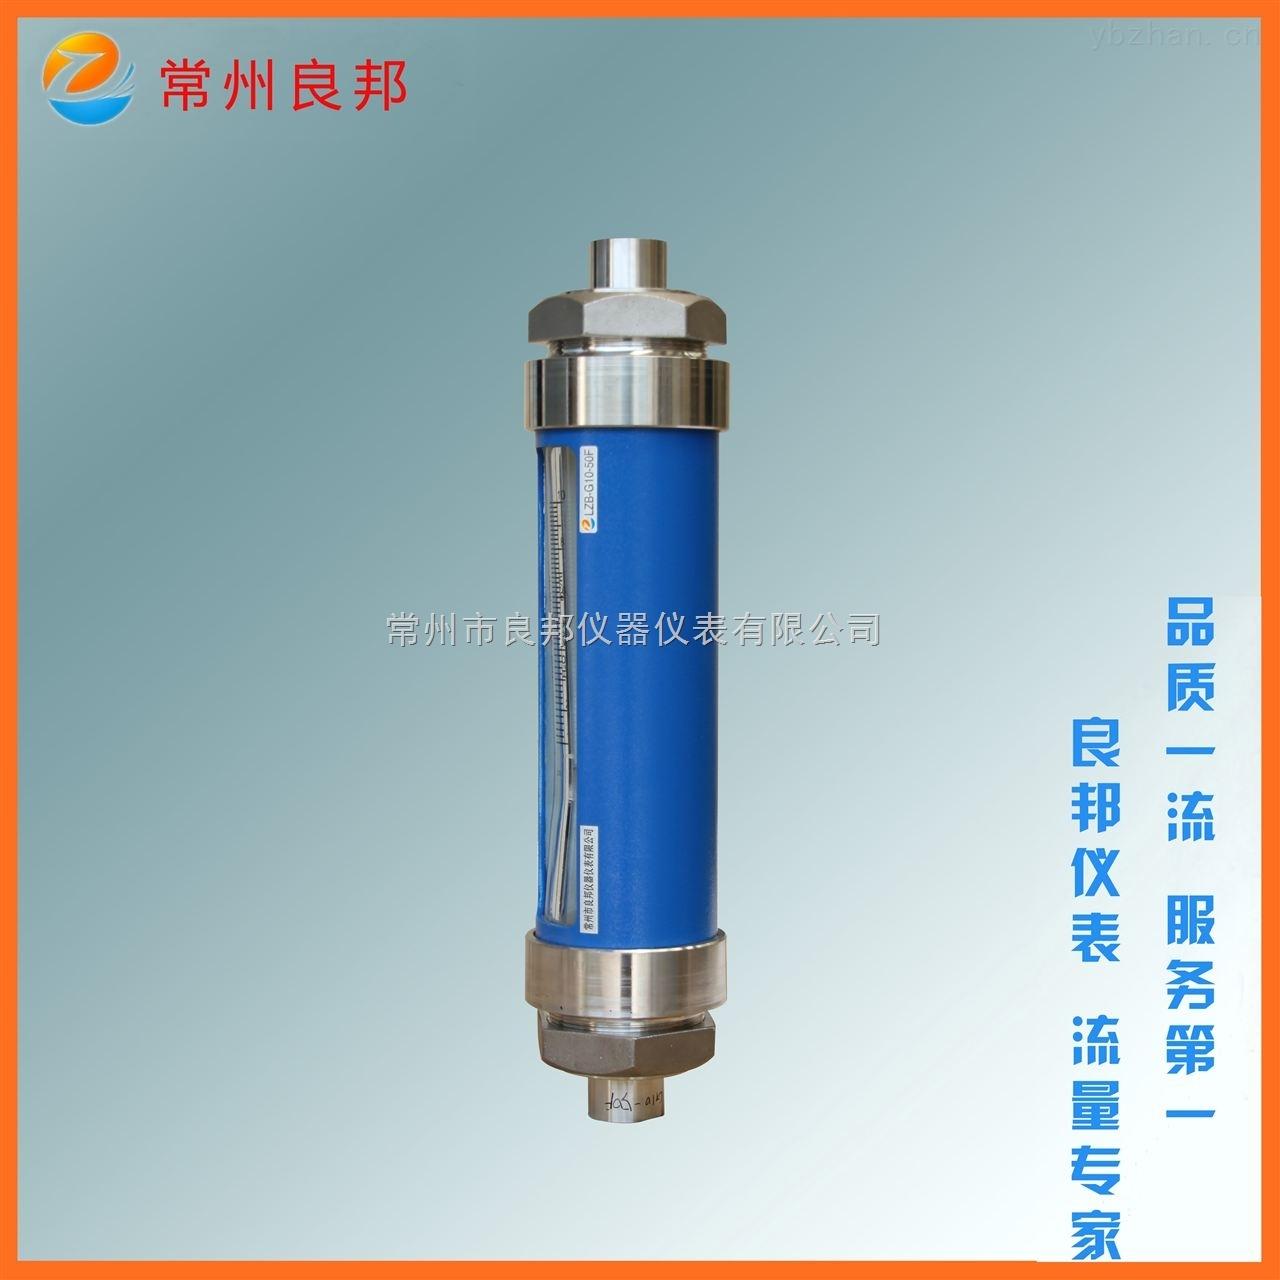 G10-50F-【良邦儀表】玻璃轉子流量計特殊螺紋連接G10-50F 衛生卡箍連接非標能力強廠家